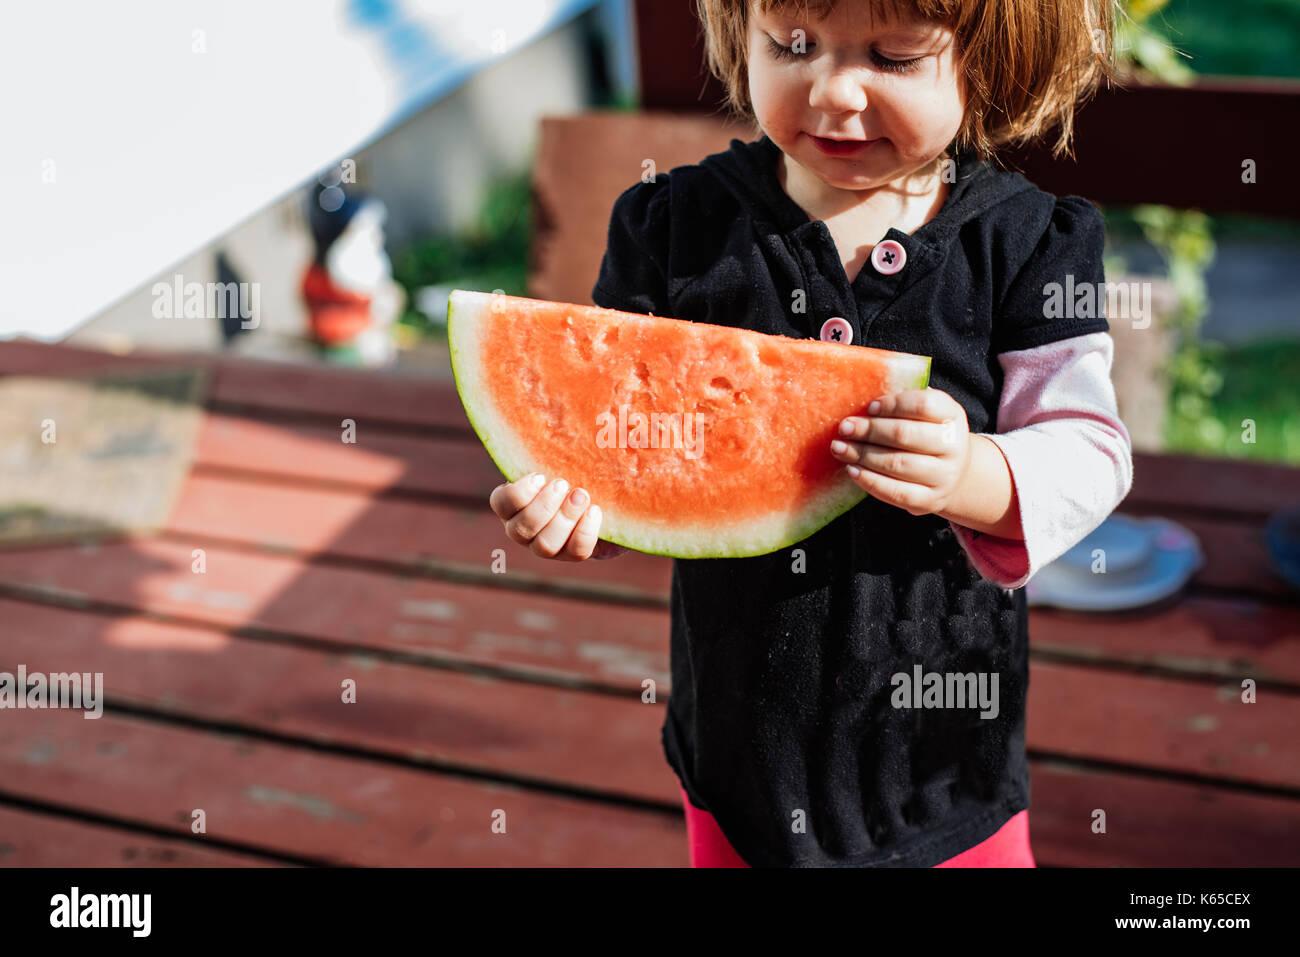 Ein junges Mädchen hält ein Stück Wassermelone an einem warmen Sommertag. Stockbild